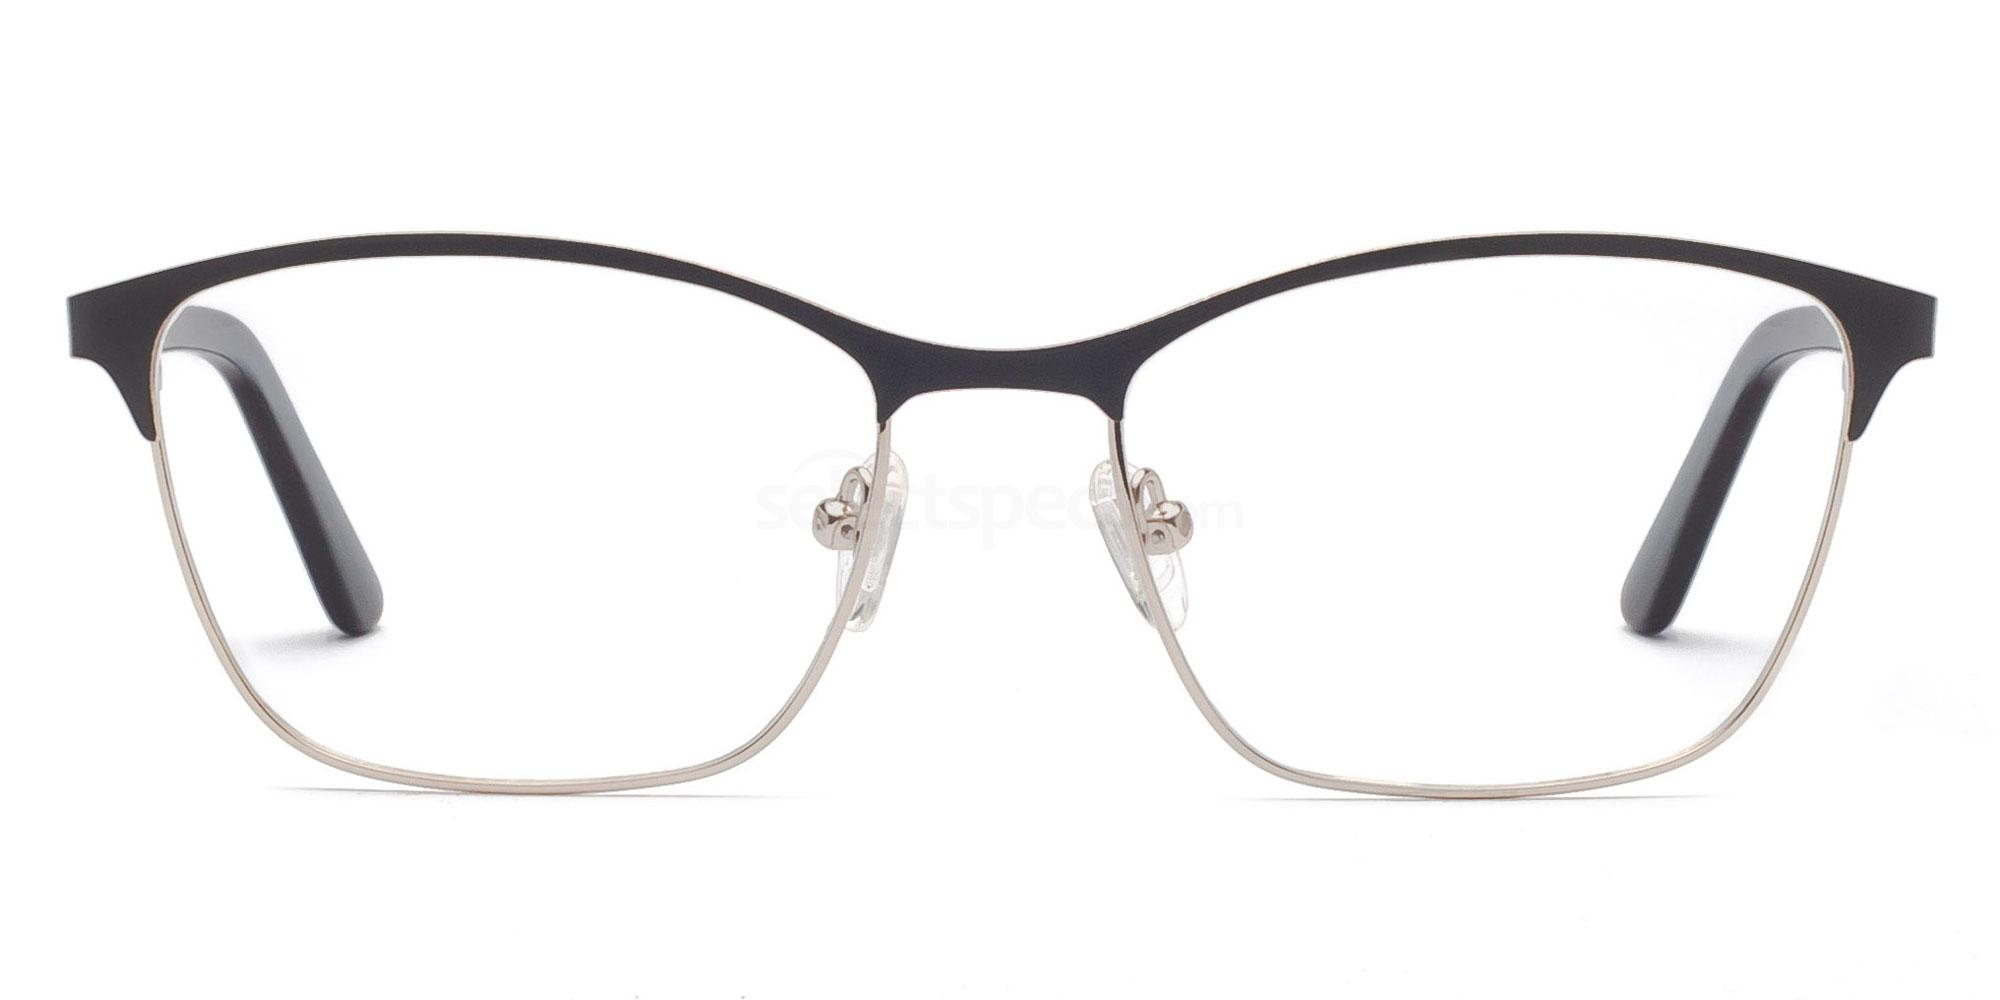 C1 GK7065 Glasses, Infinity